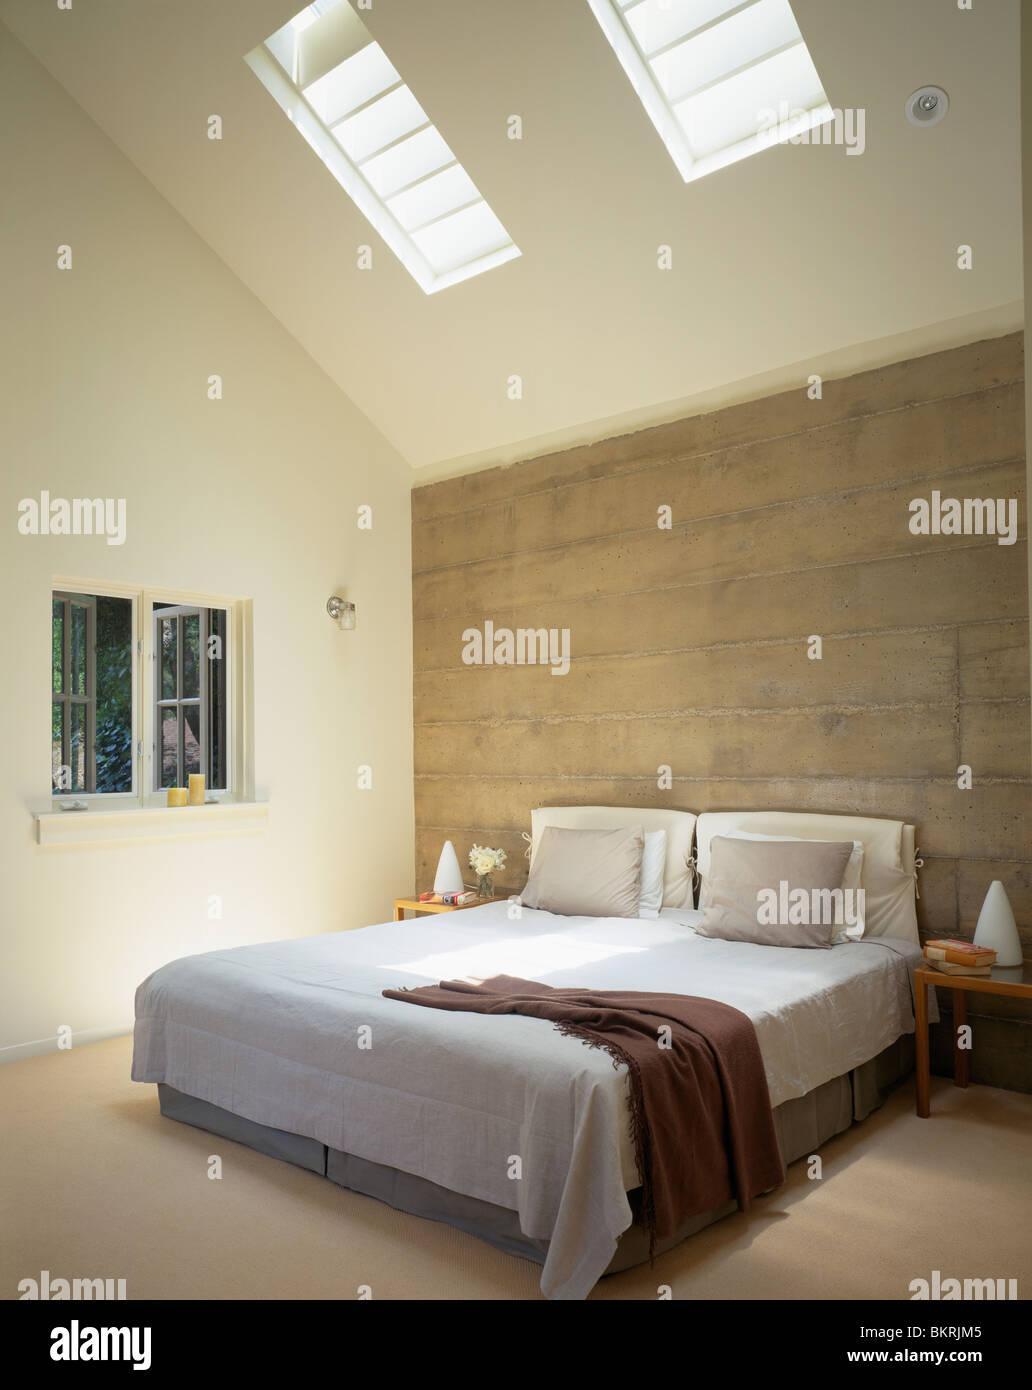 Mur de béton derrière lit avec couverture de lit blanc et gris ...